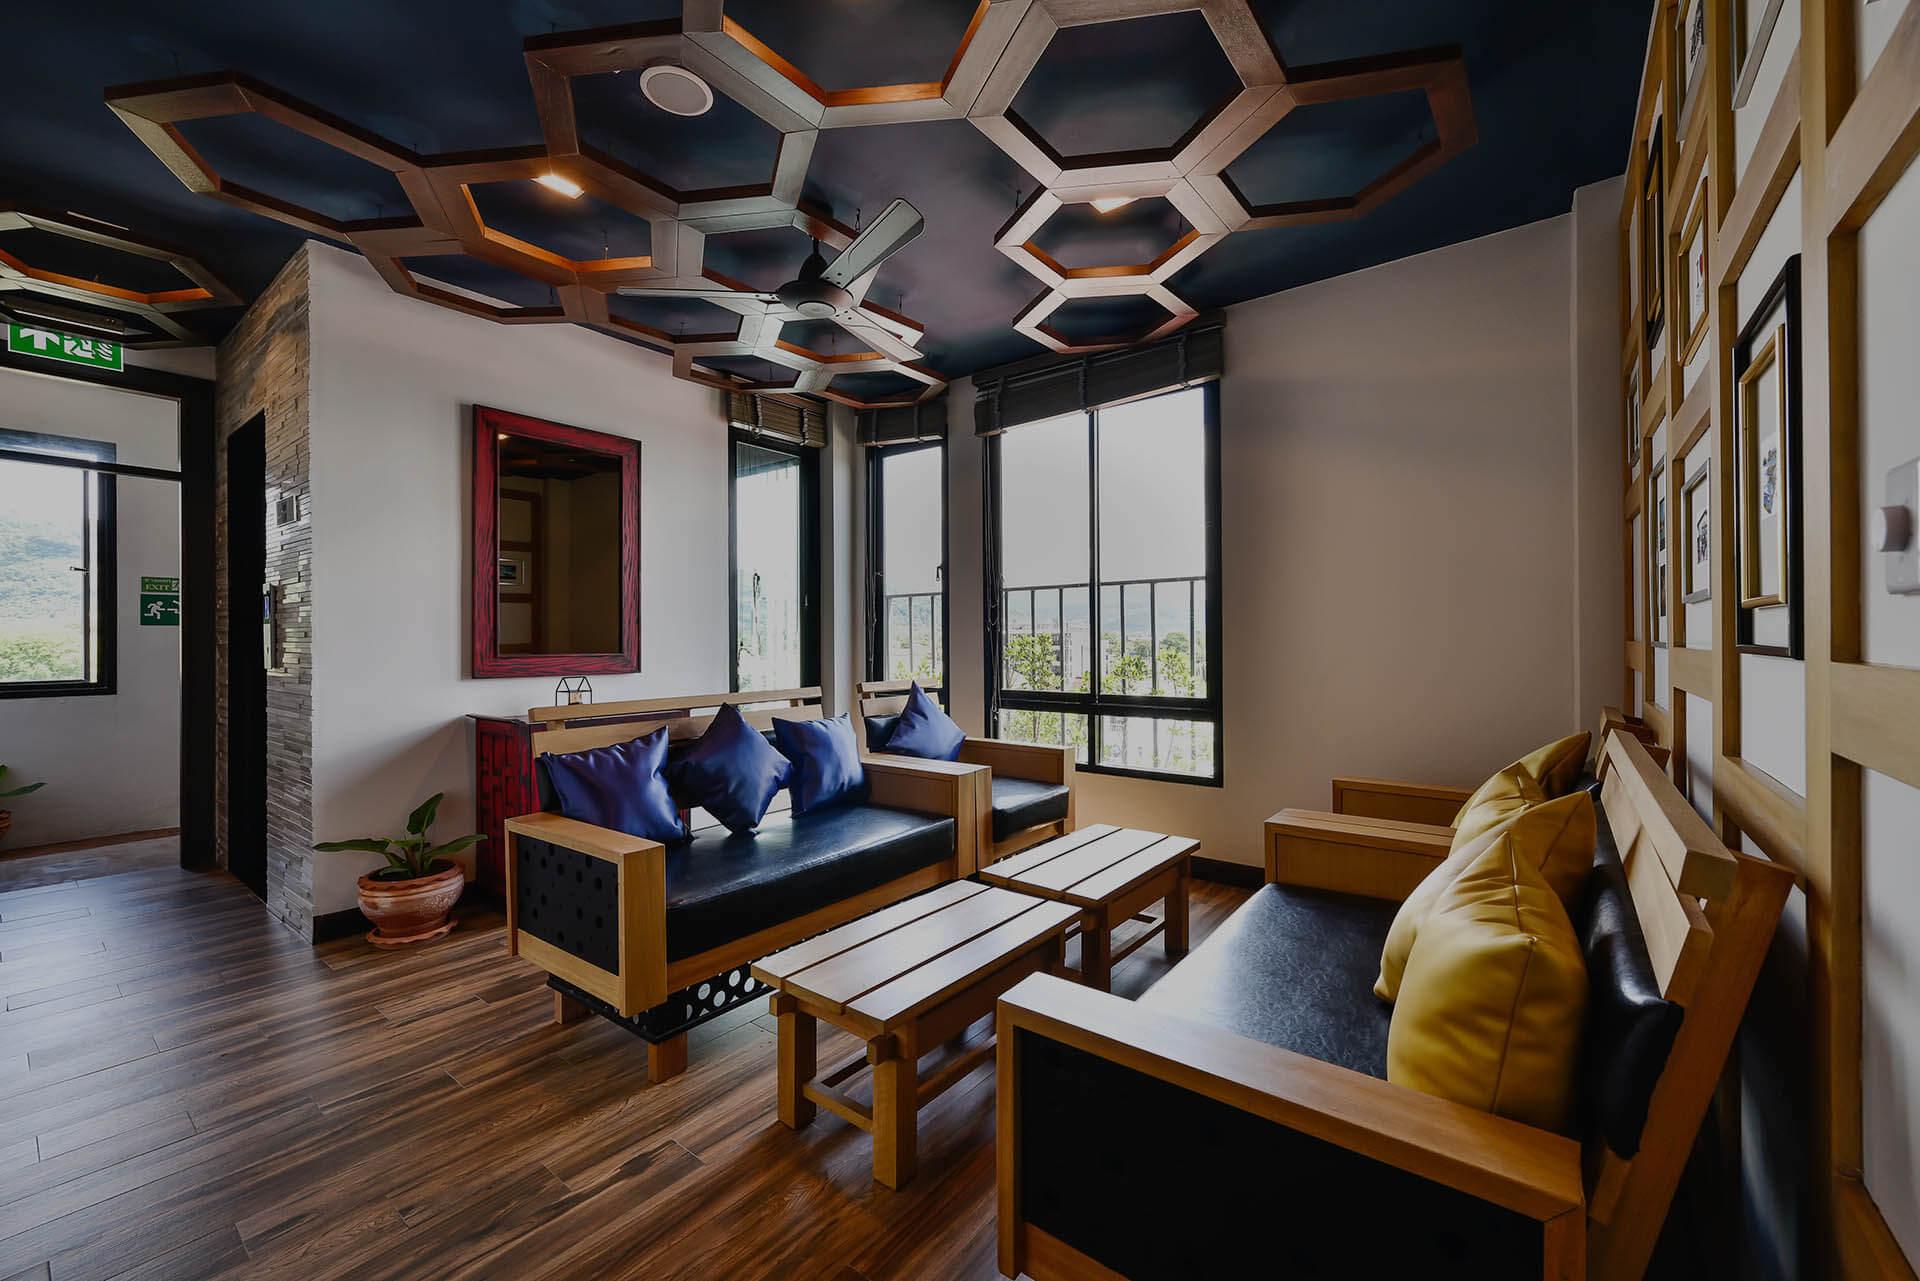 https://spektra.global/interior-design/wp-content/uploads/2020/12/We-Deliver.jpg